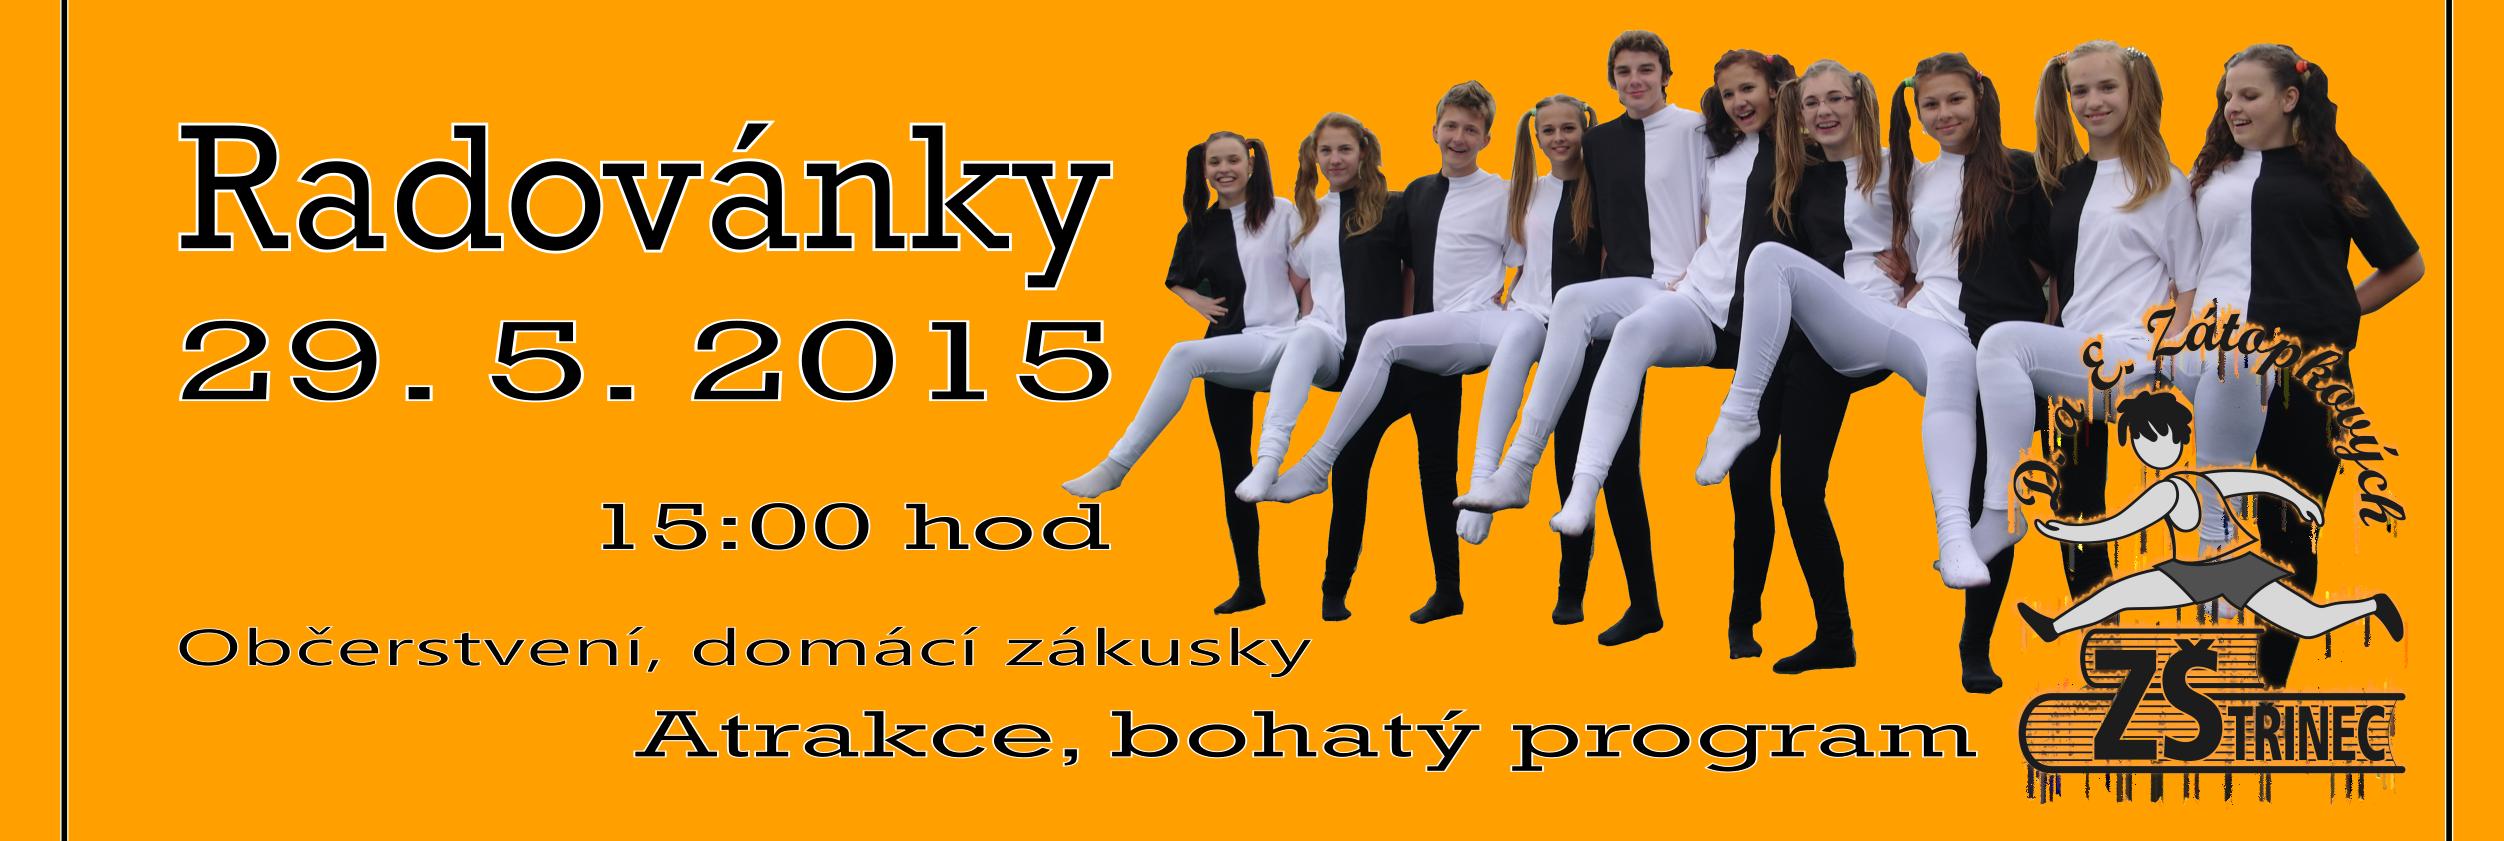 radovnky2015_slider2504